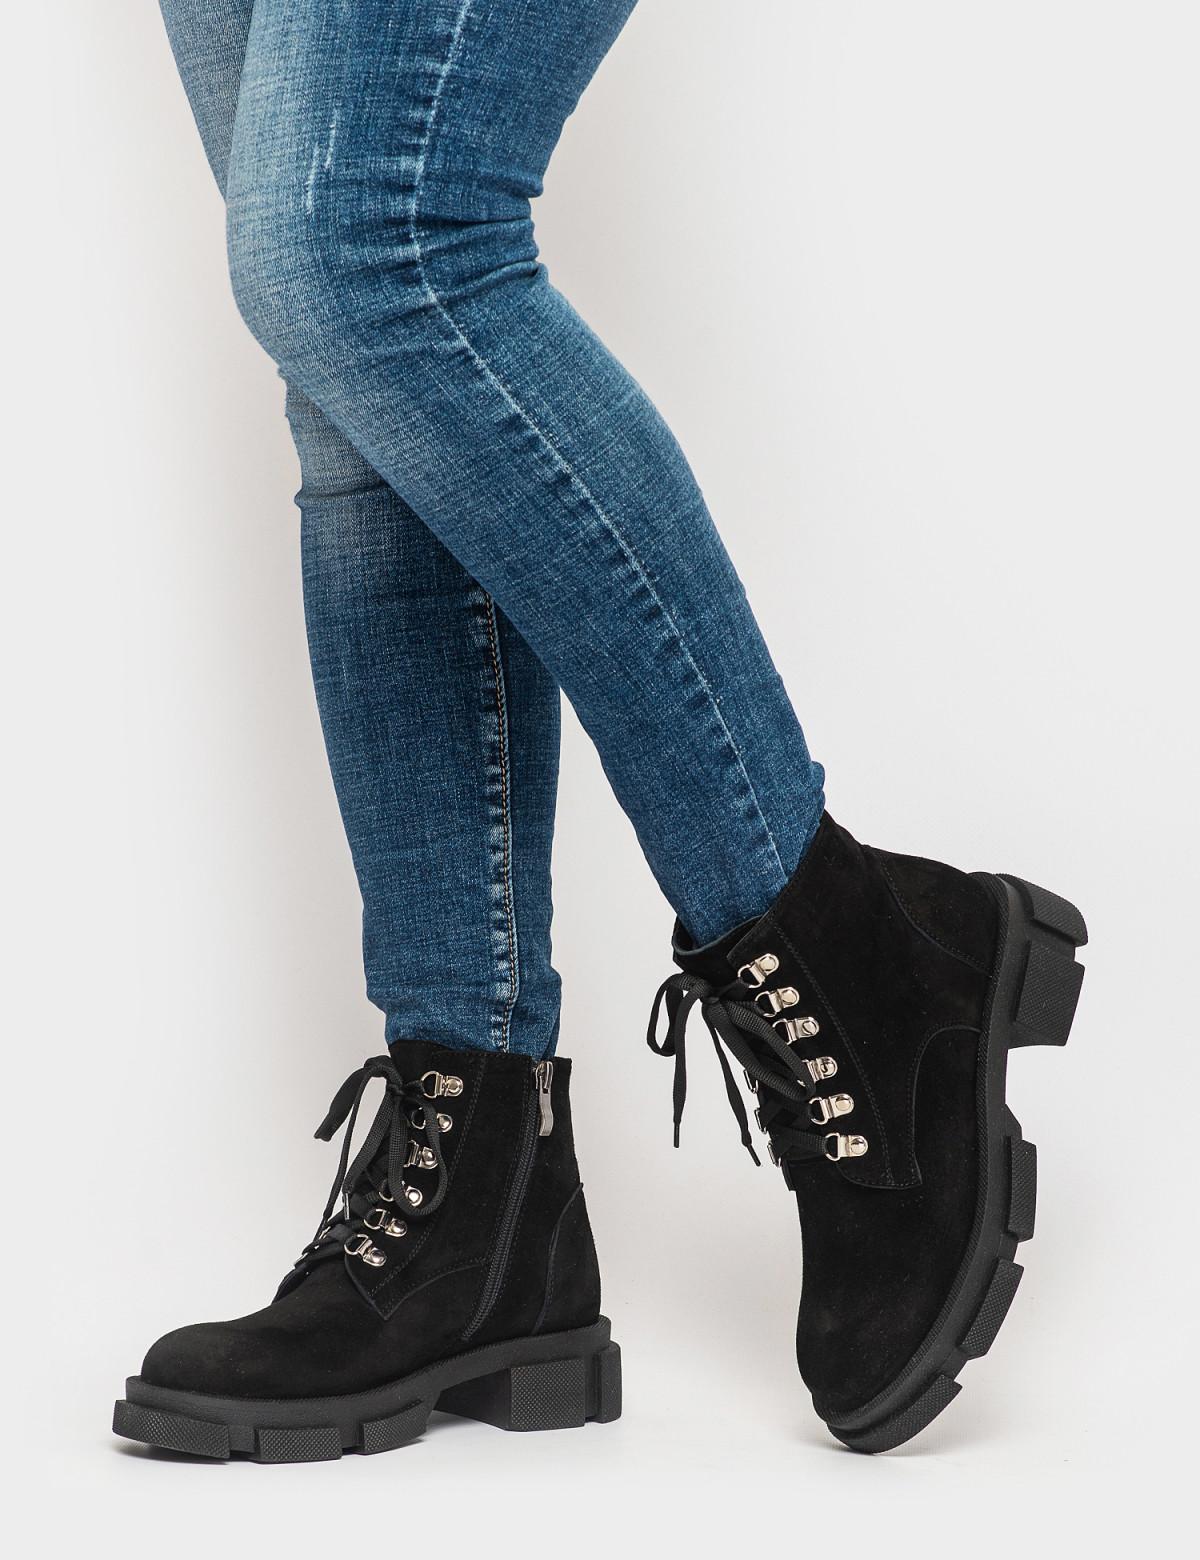 Ботинки черные. Натуральная замша. Байка4